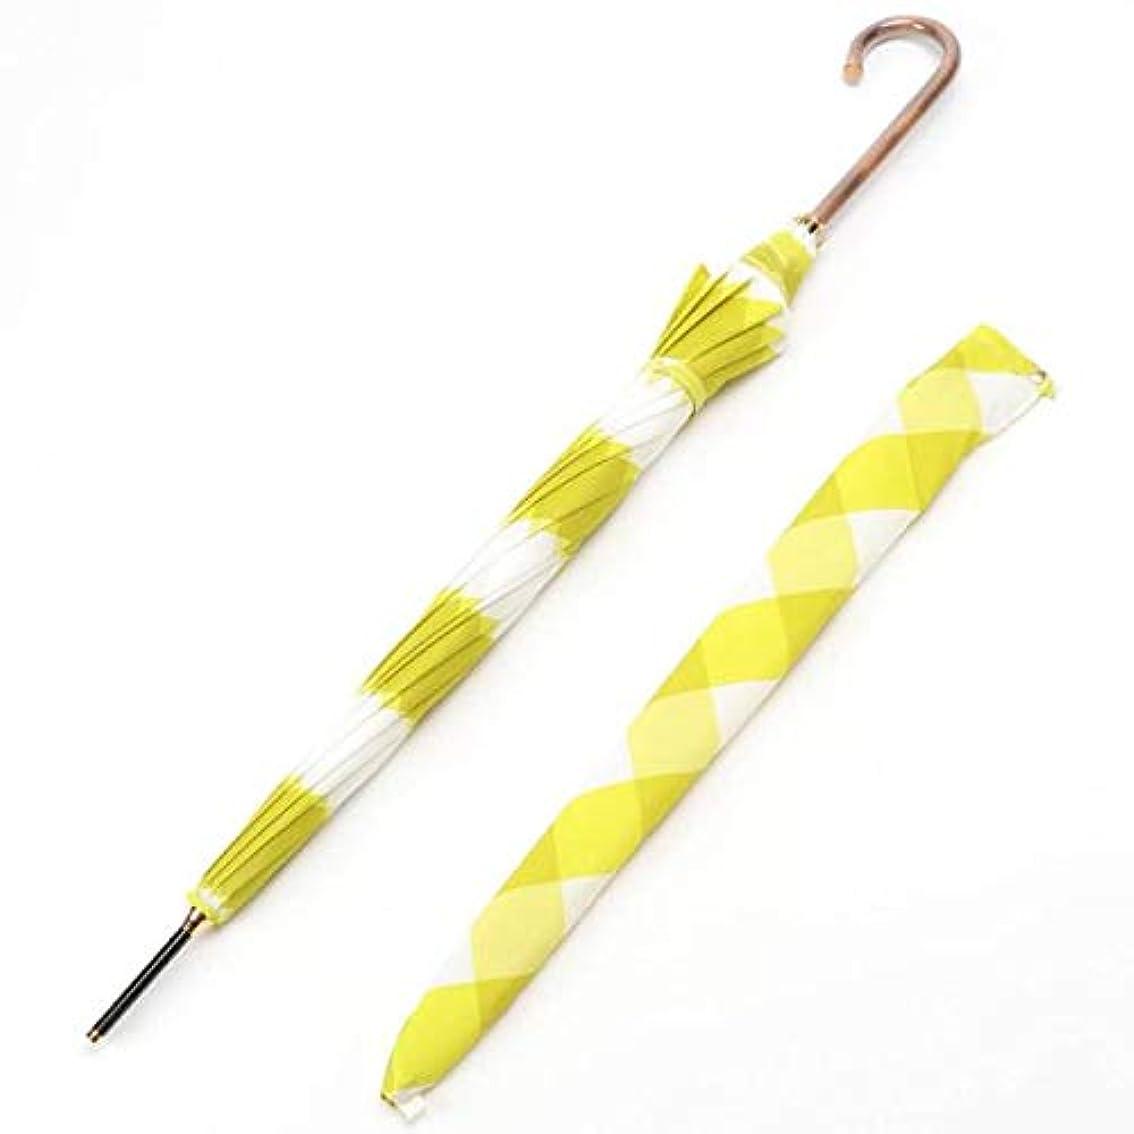 追加誰か卑弥呼RAIN(HIMIKO RAIN) 長傘 イエロー 直径95cm 晴雨兼用長傘 013014